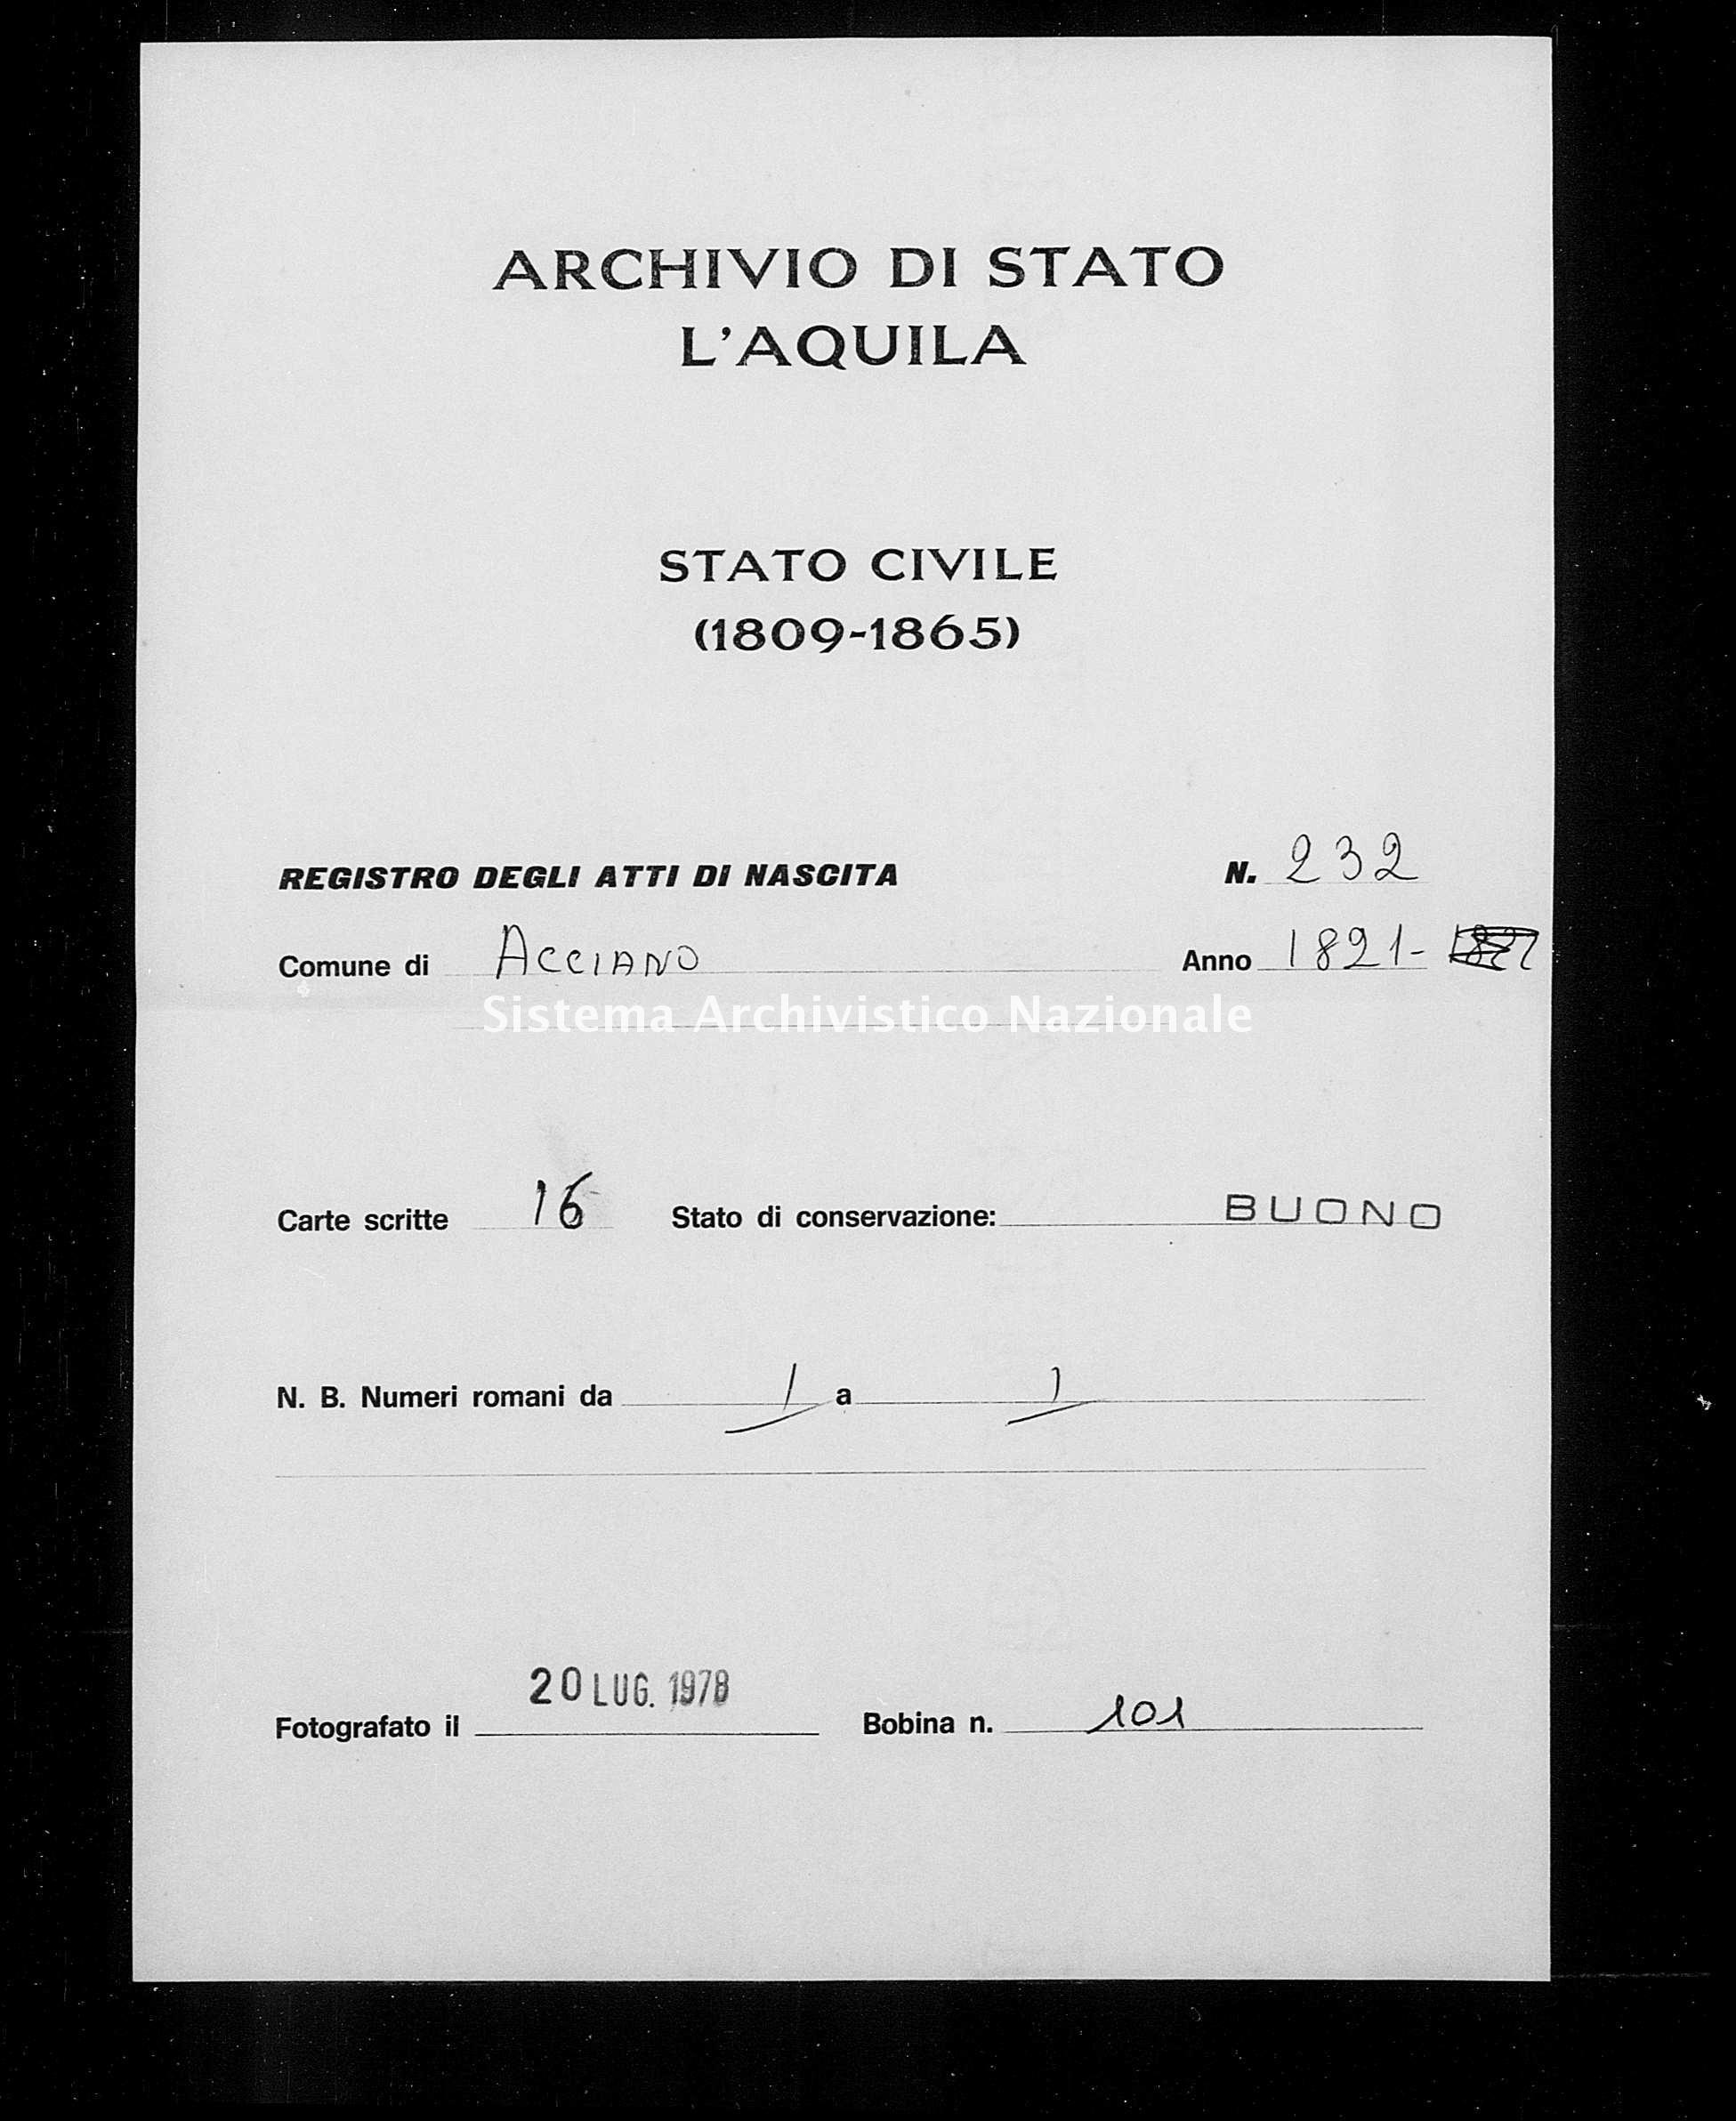 Archivio di stato di L'aquila - Stato civile della restaurazione - Acciano - Nati - 1821 - 232 -